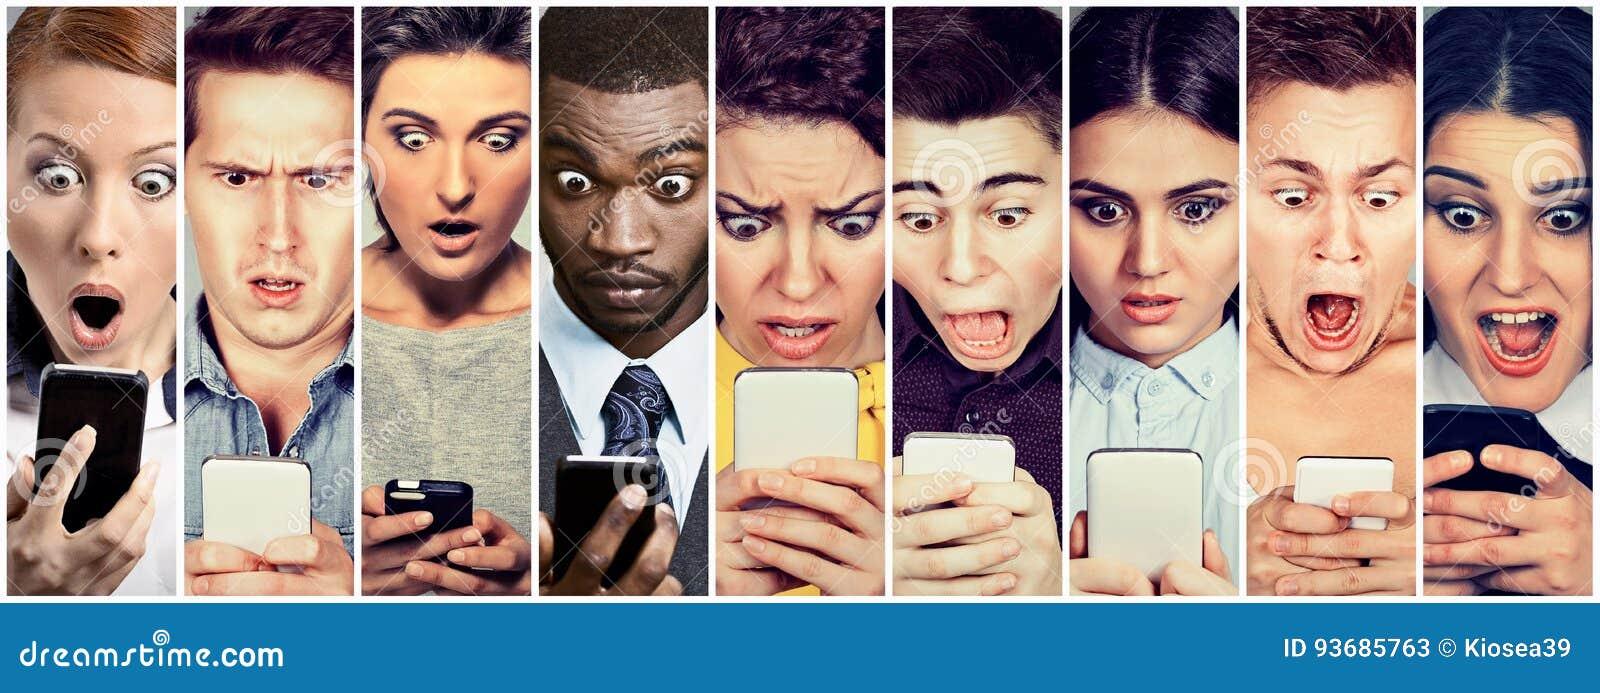 Grupp människormän och kvinnor som ser chockade på mobiltelefonen